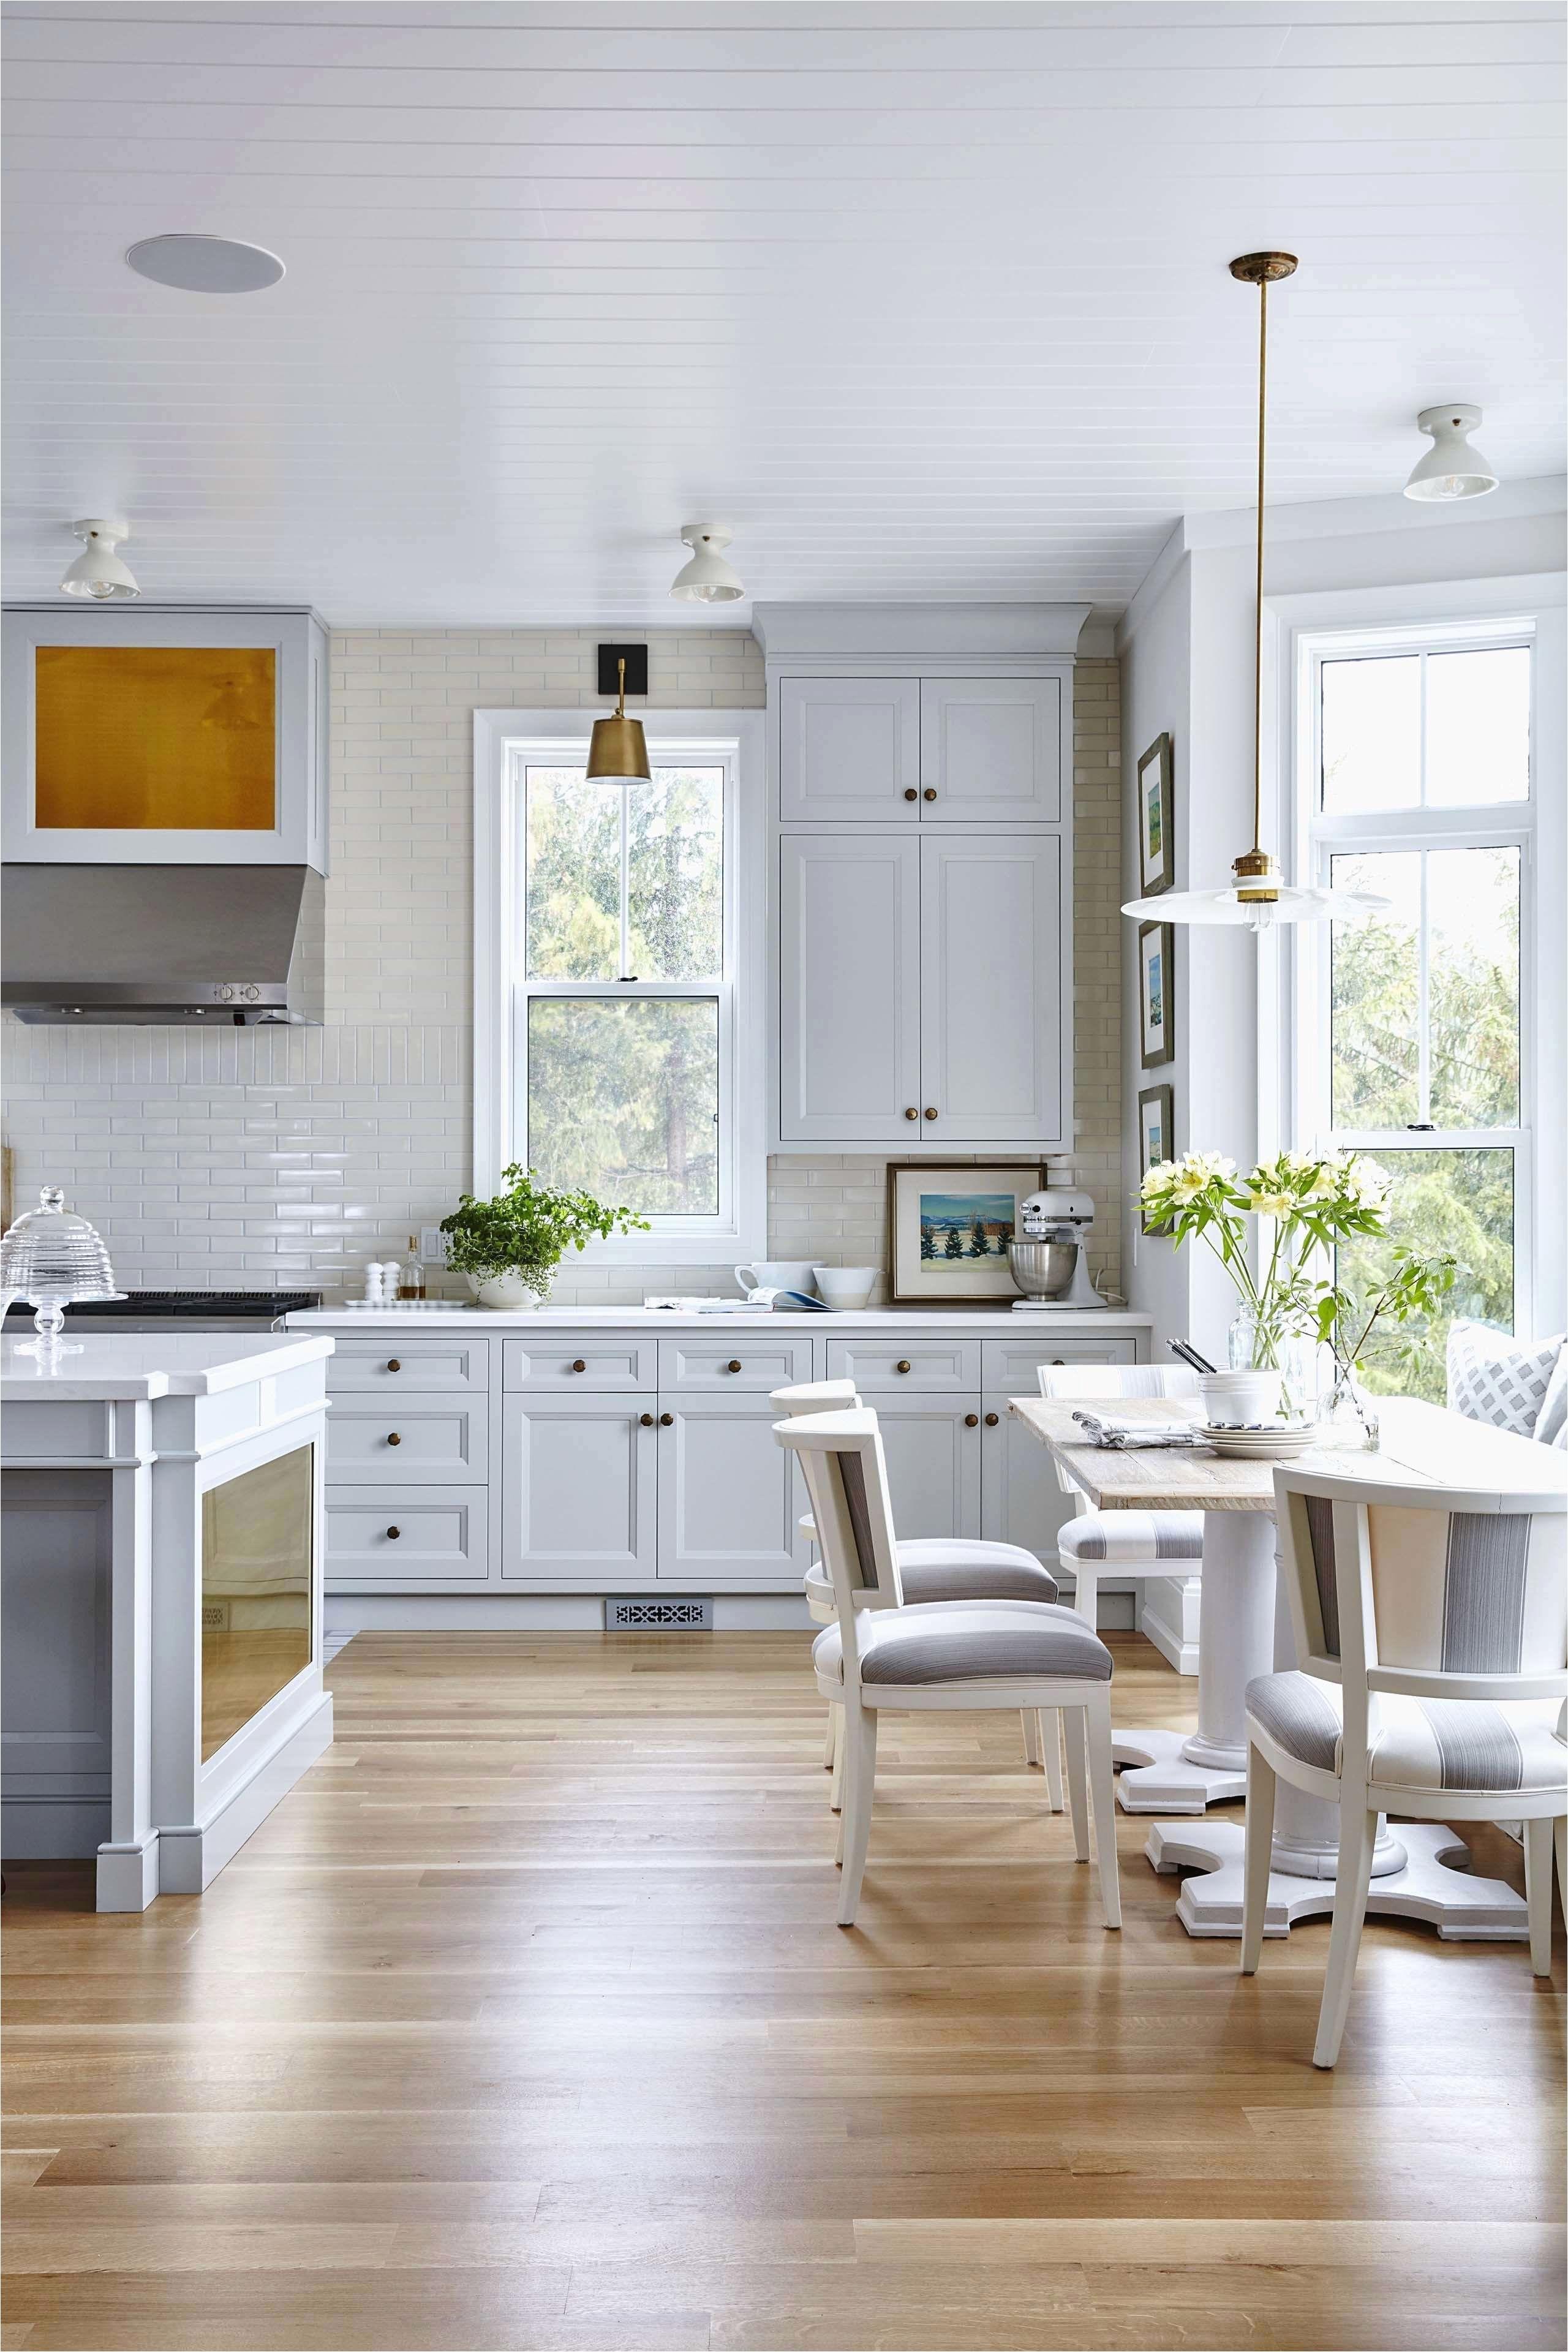 kitchen design images new kitchen cabinet layout new kitchen joys kitchen joys kitchen 0d stock